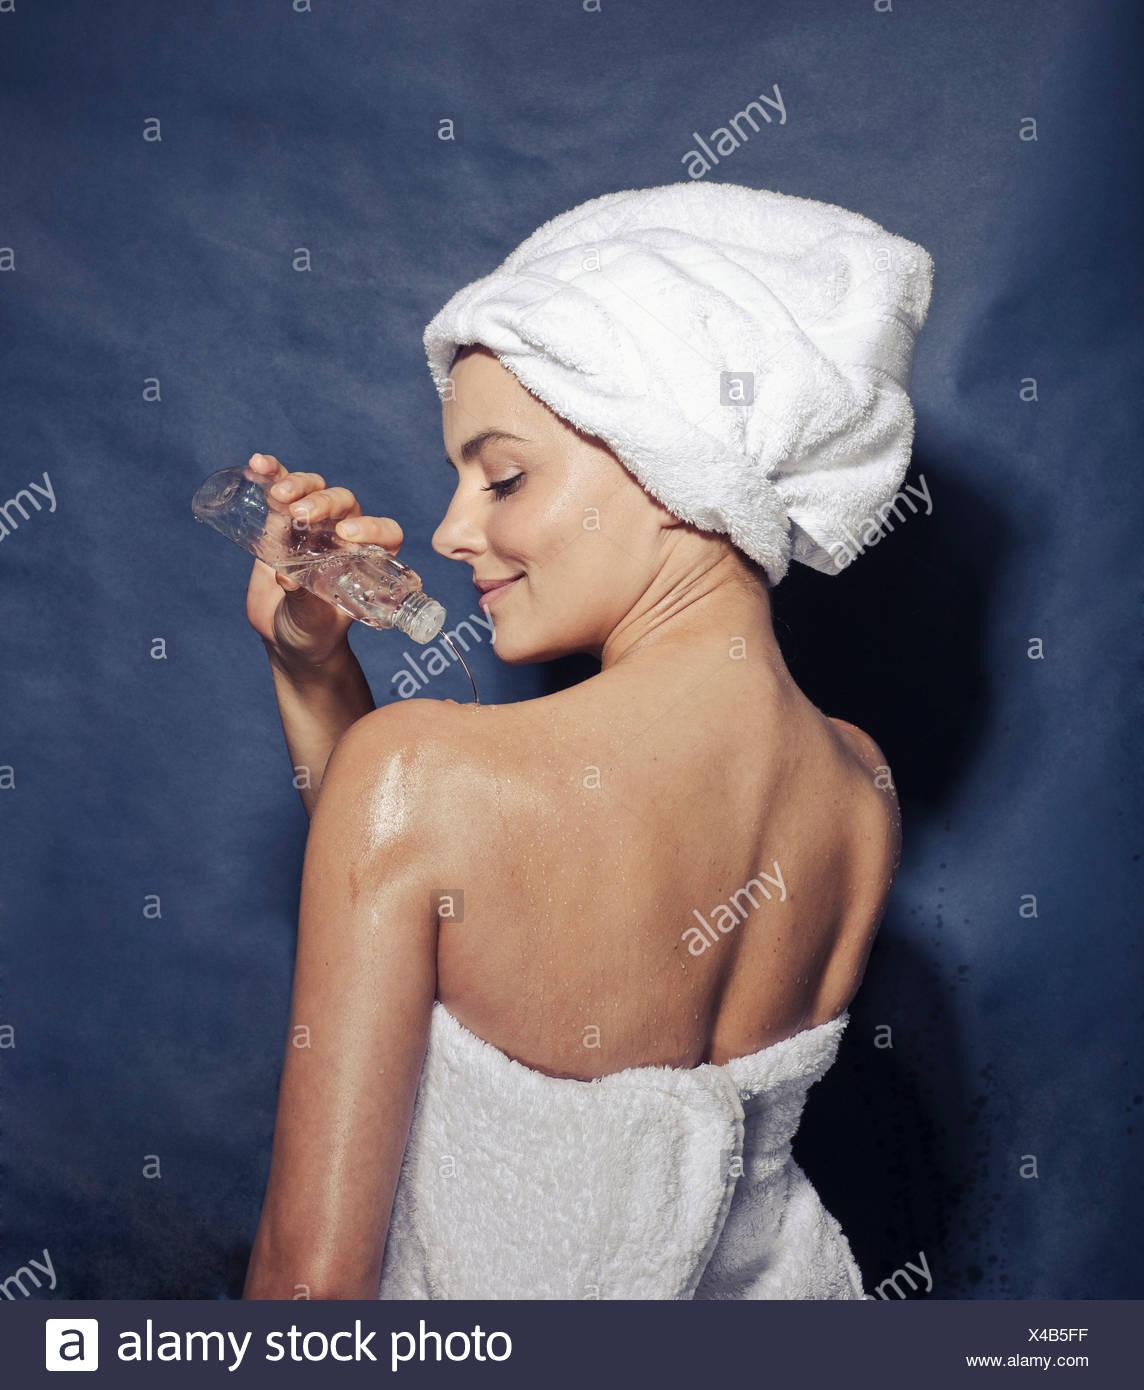 Las hembras jóvenes aplicar loción para el cuerpo para el hombro Imagen De Stock